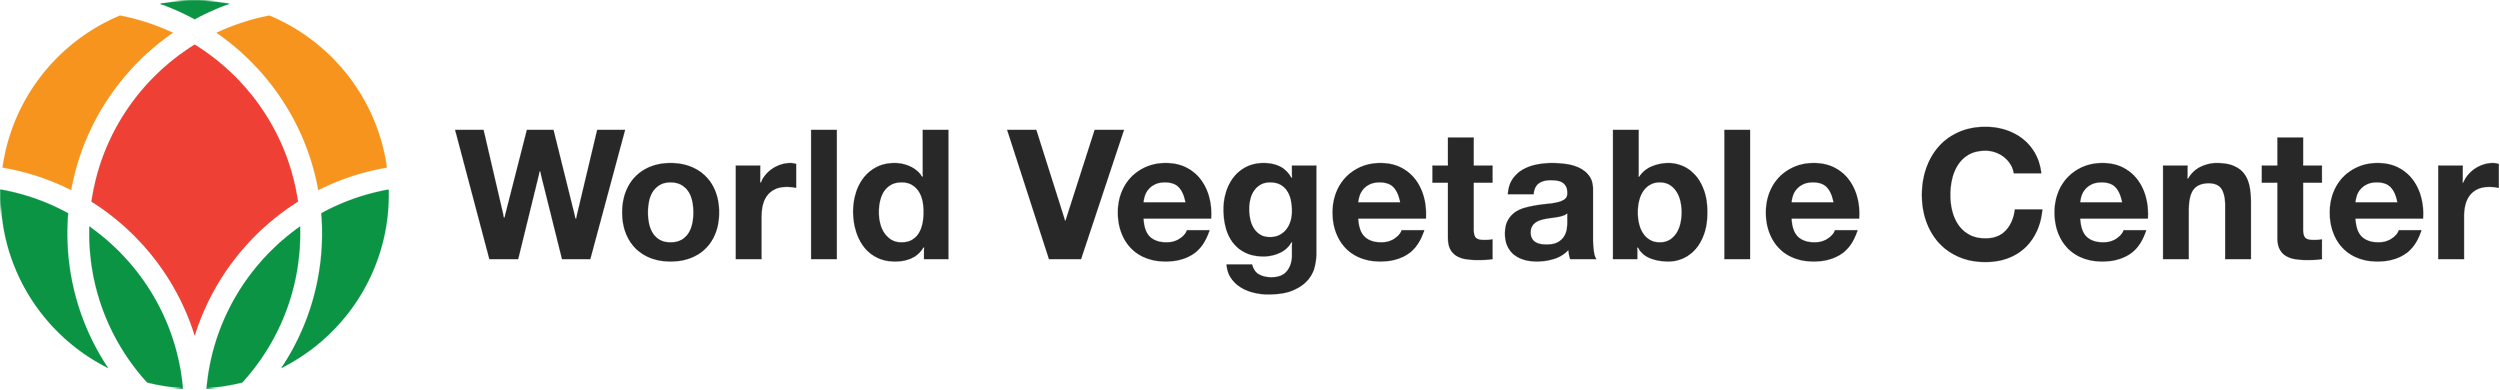 AVRDC - The World Vegetable Center Logo